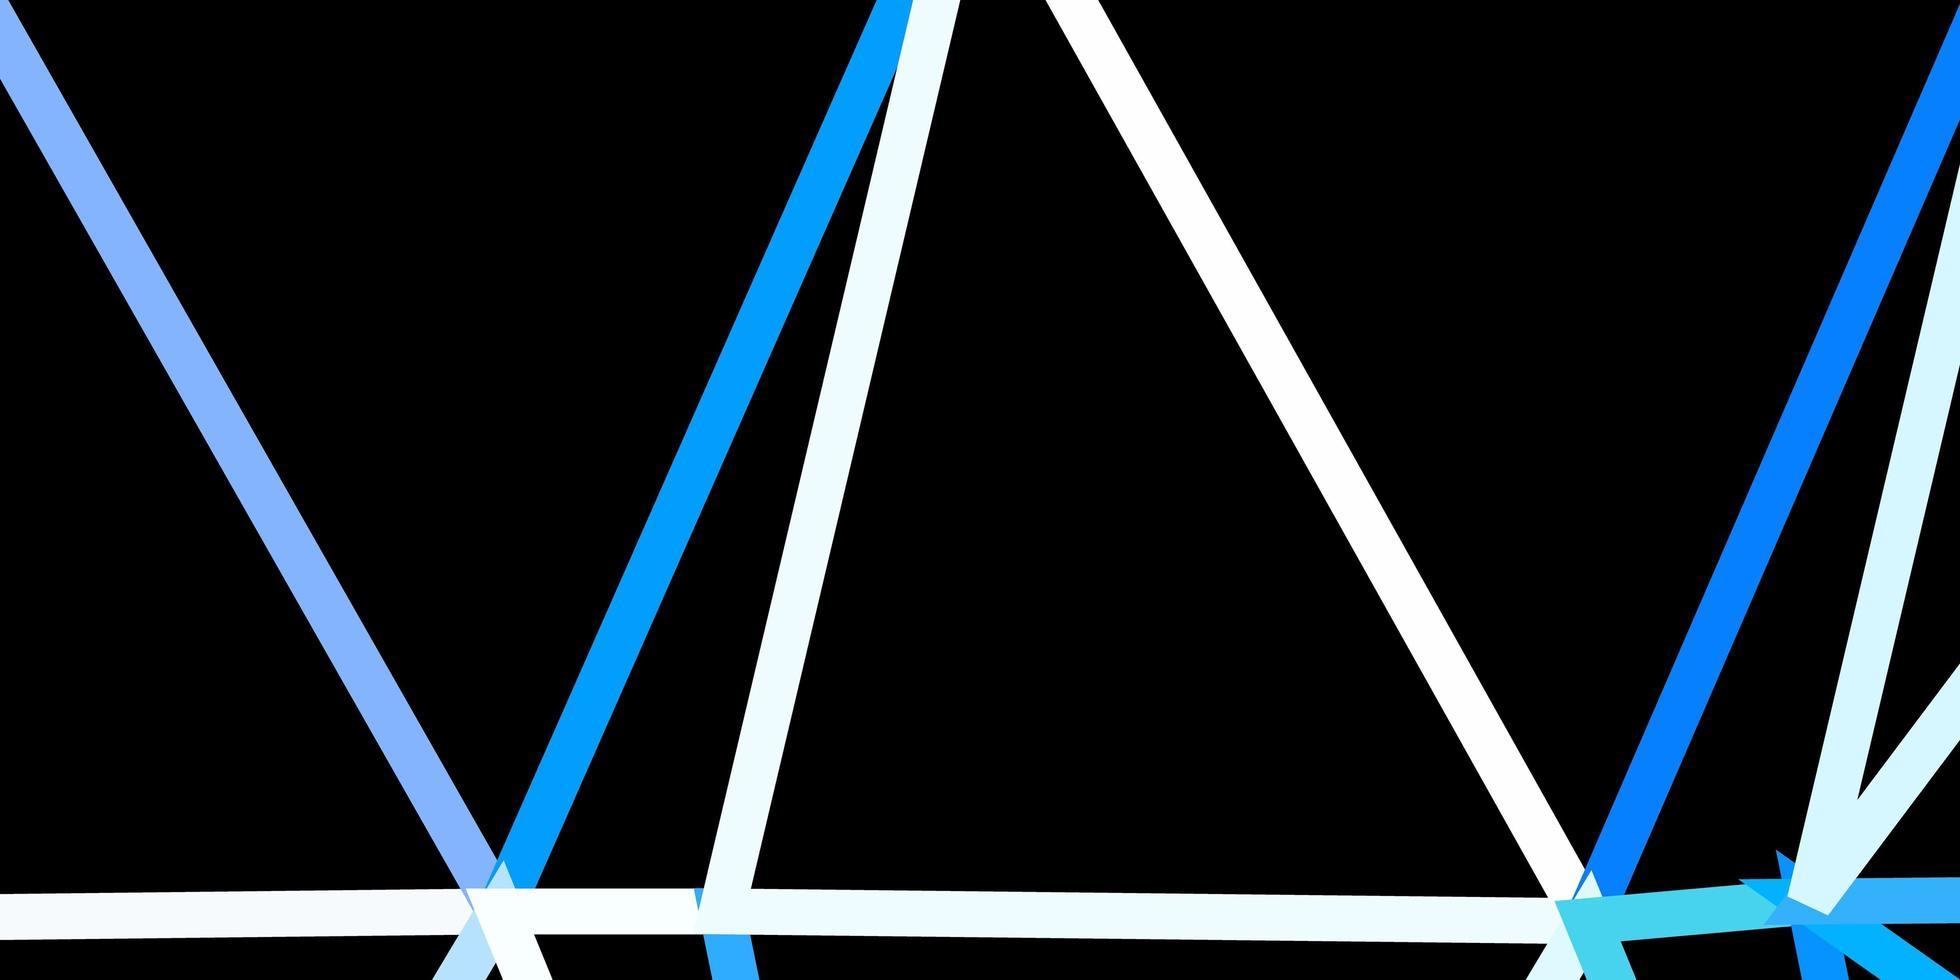 cenário poligonal de vetor azul escuro.